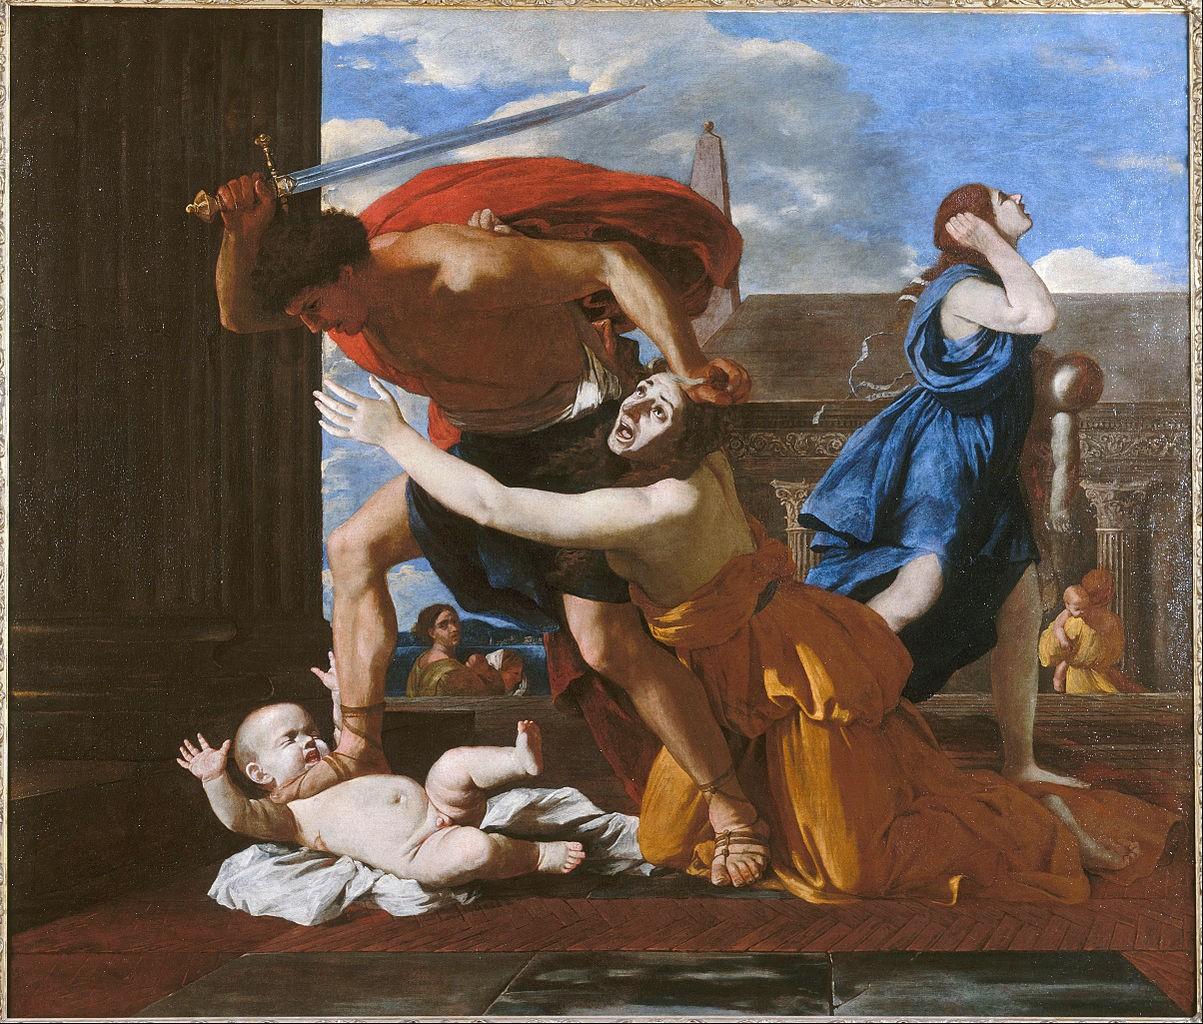 VIDÉO 14 – Fêter les Saints-Innocents avec Nicolas Poussin